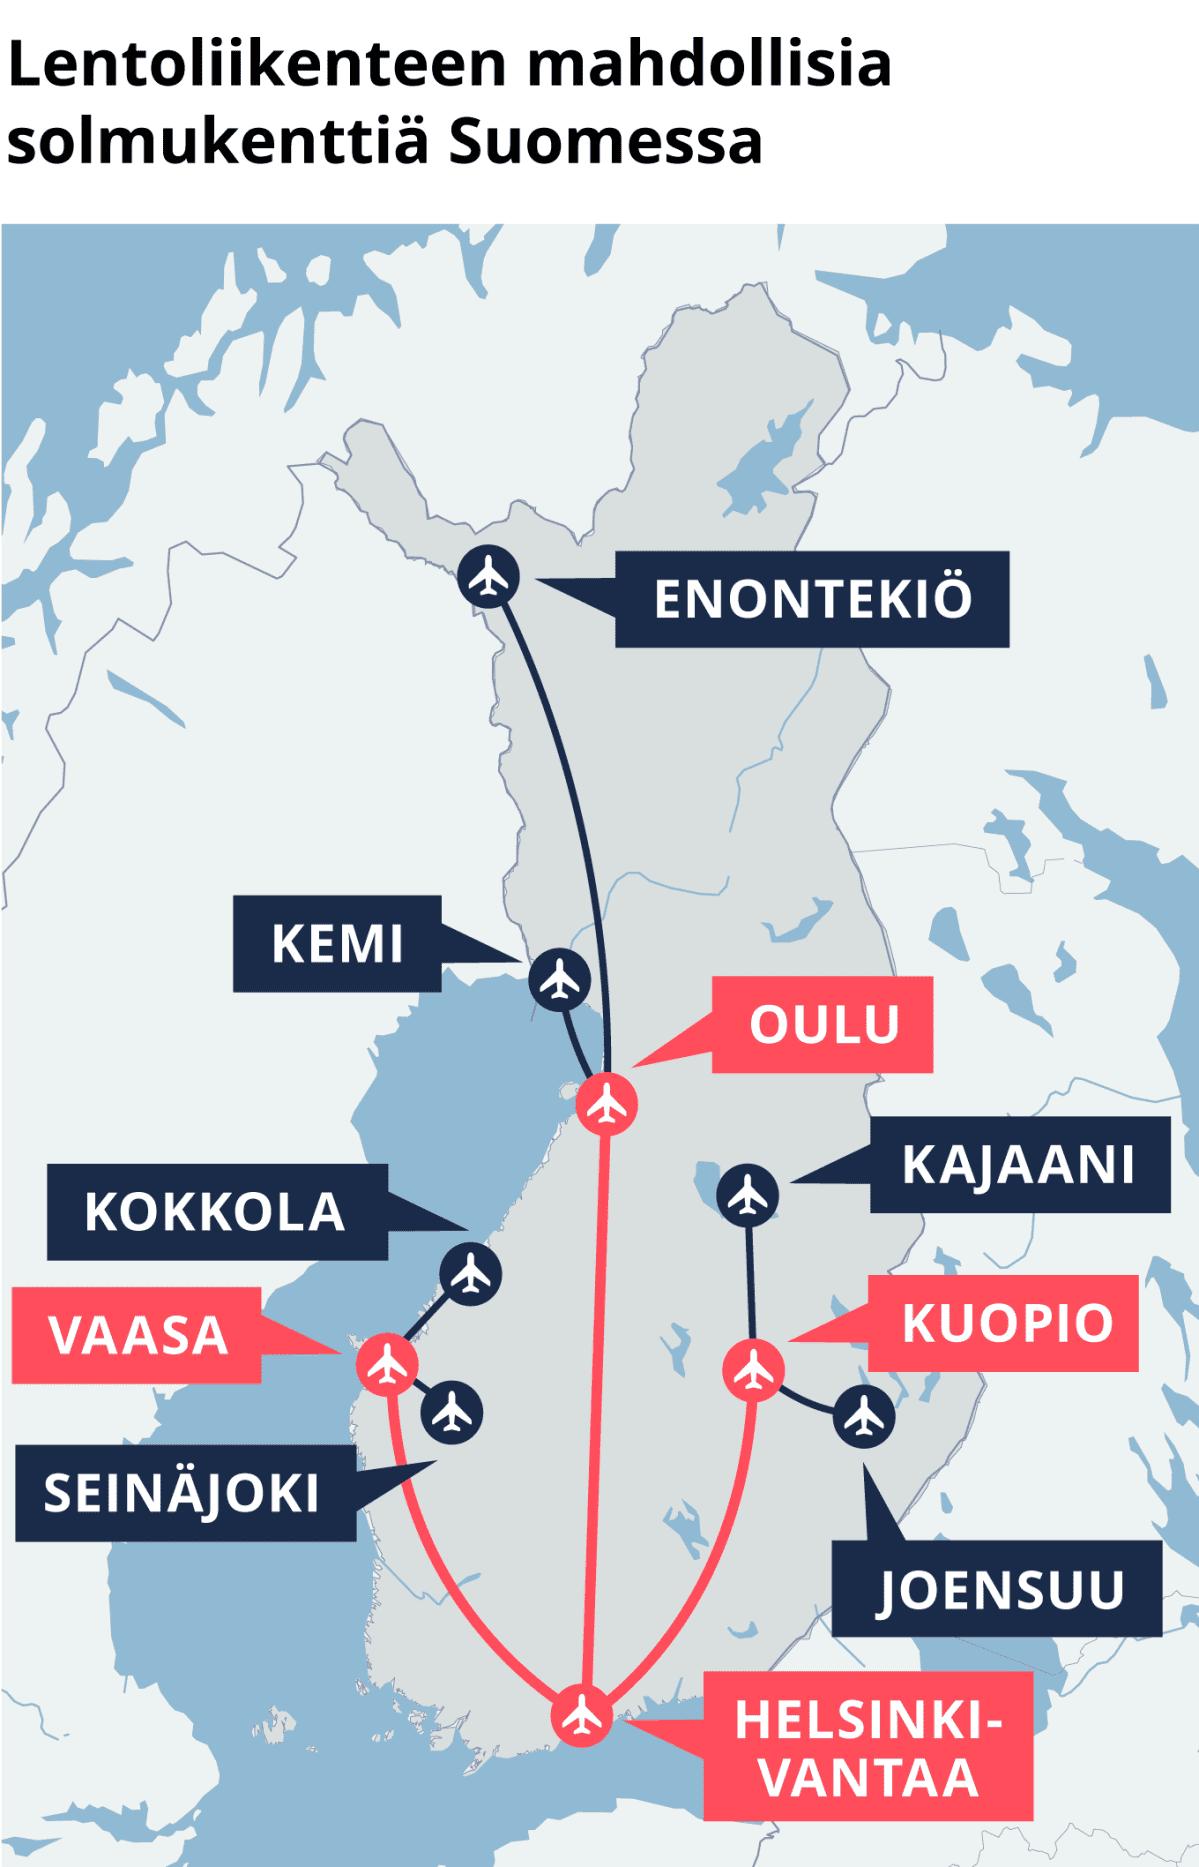 Lentoliikenteen mahdollisia solmukenttiä Suomessa